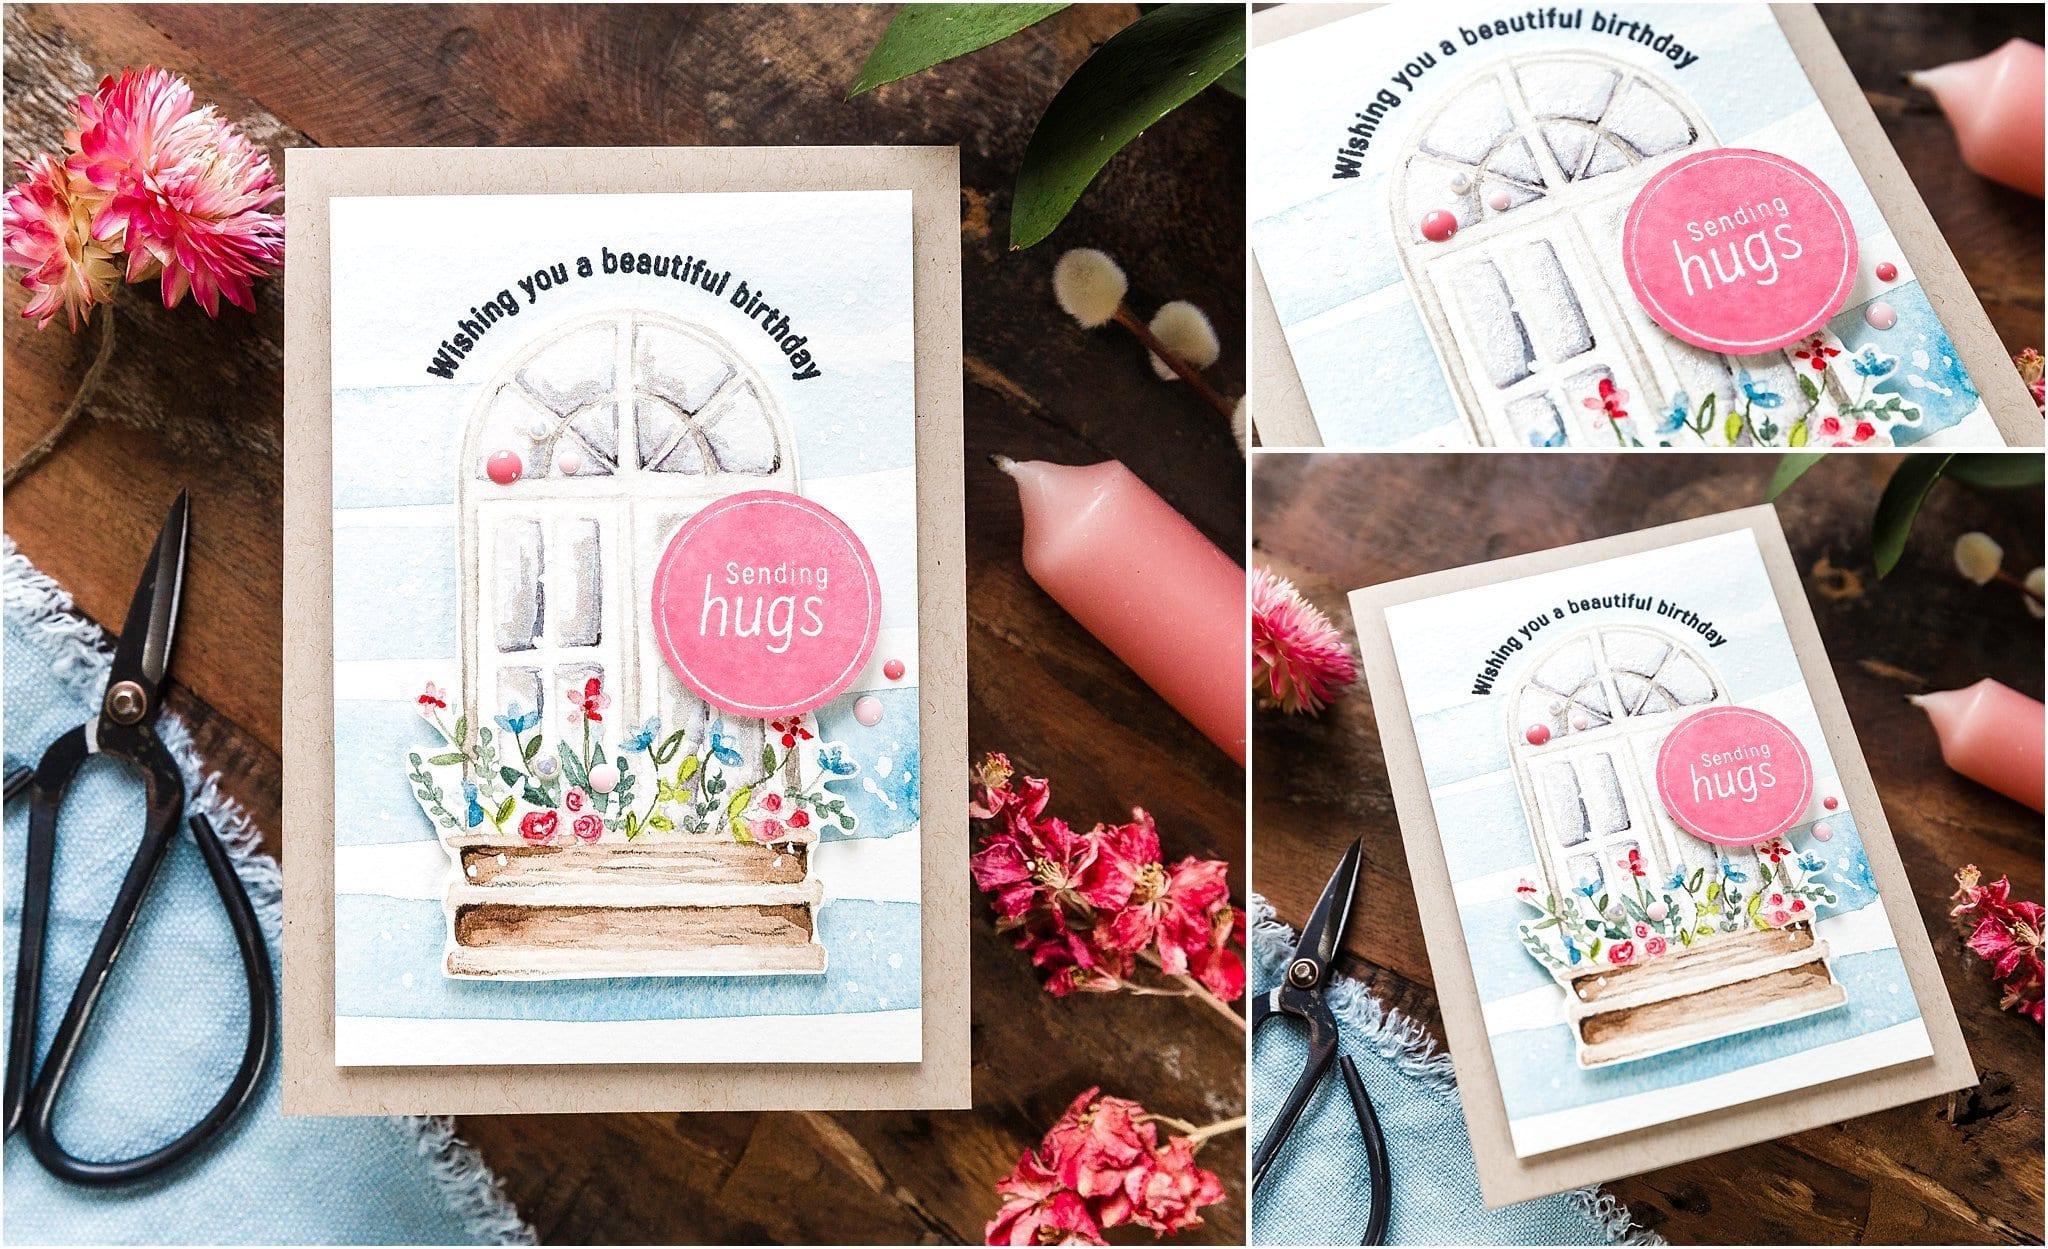 Video tutorial - watercoloured spring window. Handmade card by Debby Hughes #debbyhughes #limedoodledesign #handmadecards #cardmaking #cardmakingideas #cardmakingtechniques  #cardmakingtutorials #handmadecardideas #simonsaysstamp